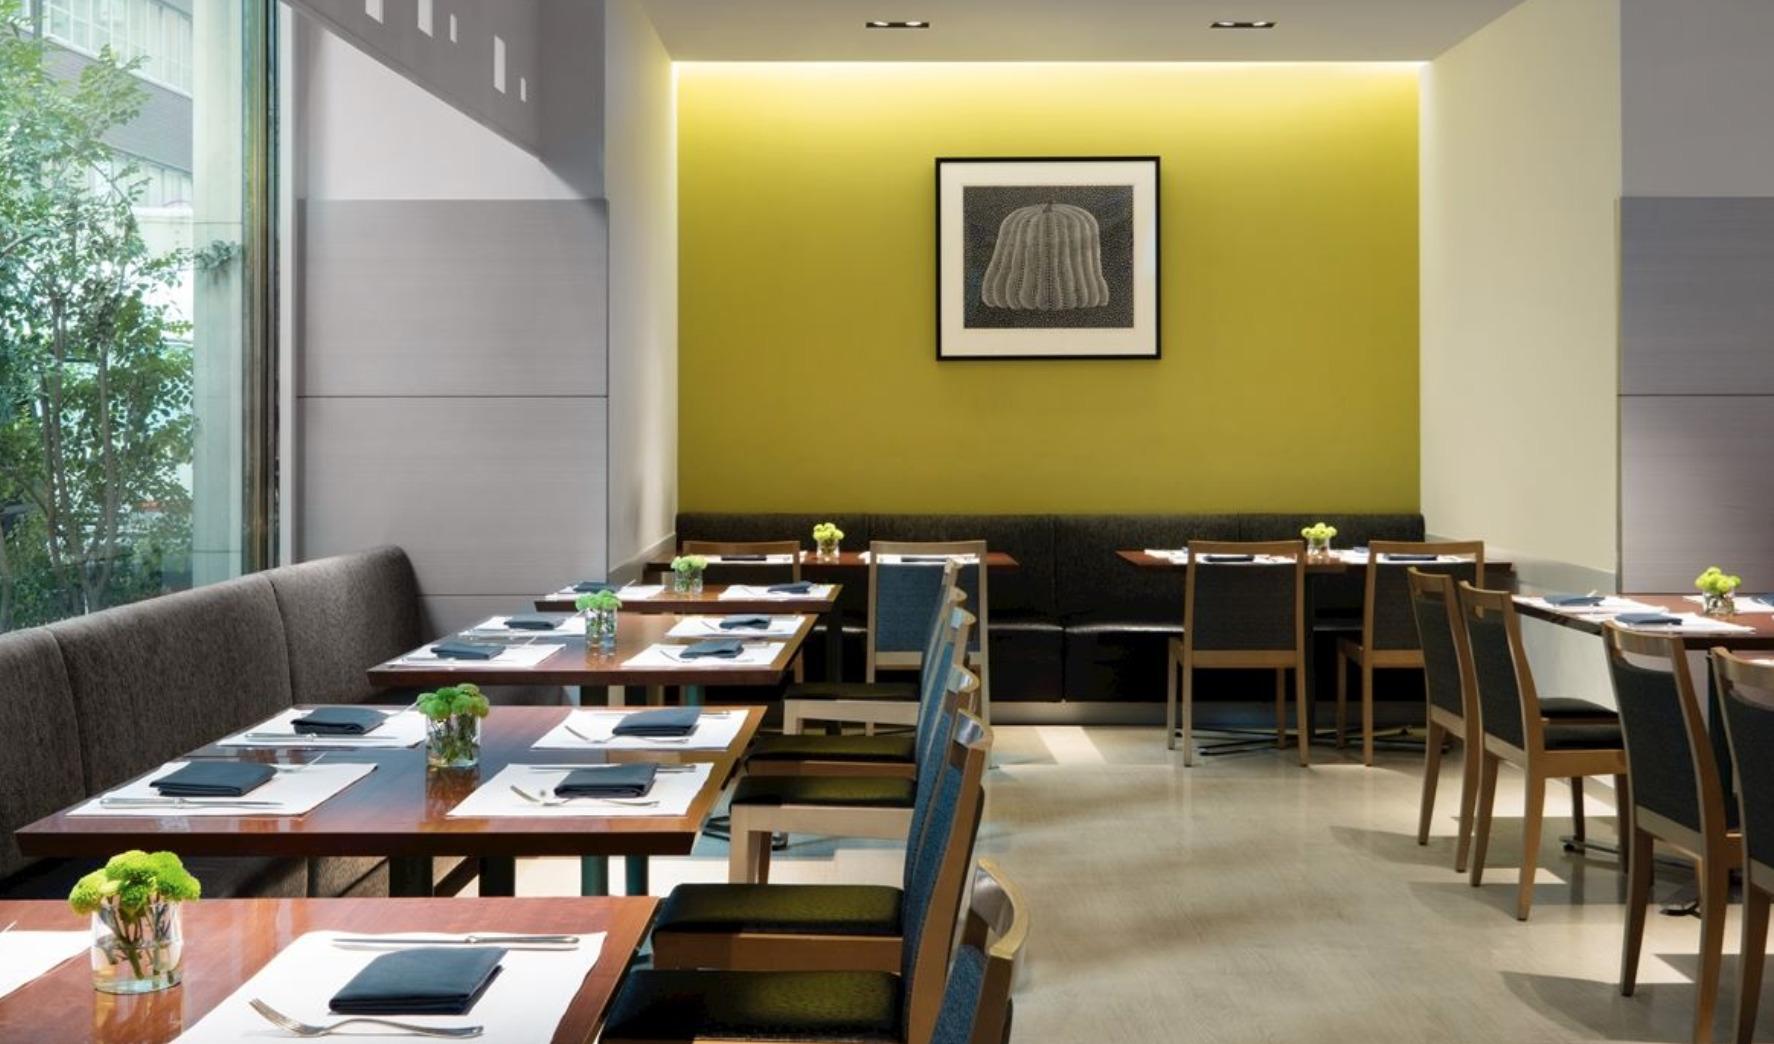 コートヤード銀座:レストラン「フィオーレ」の内観